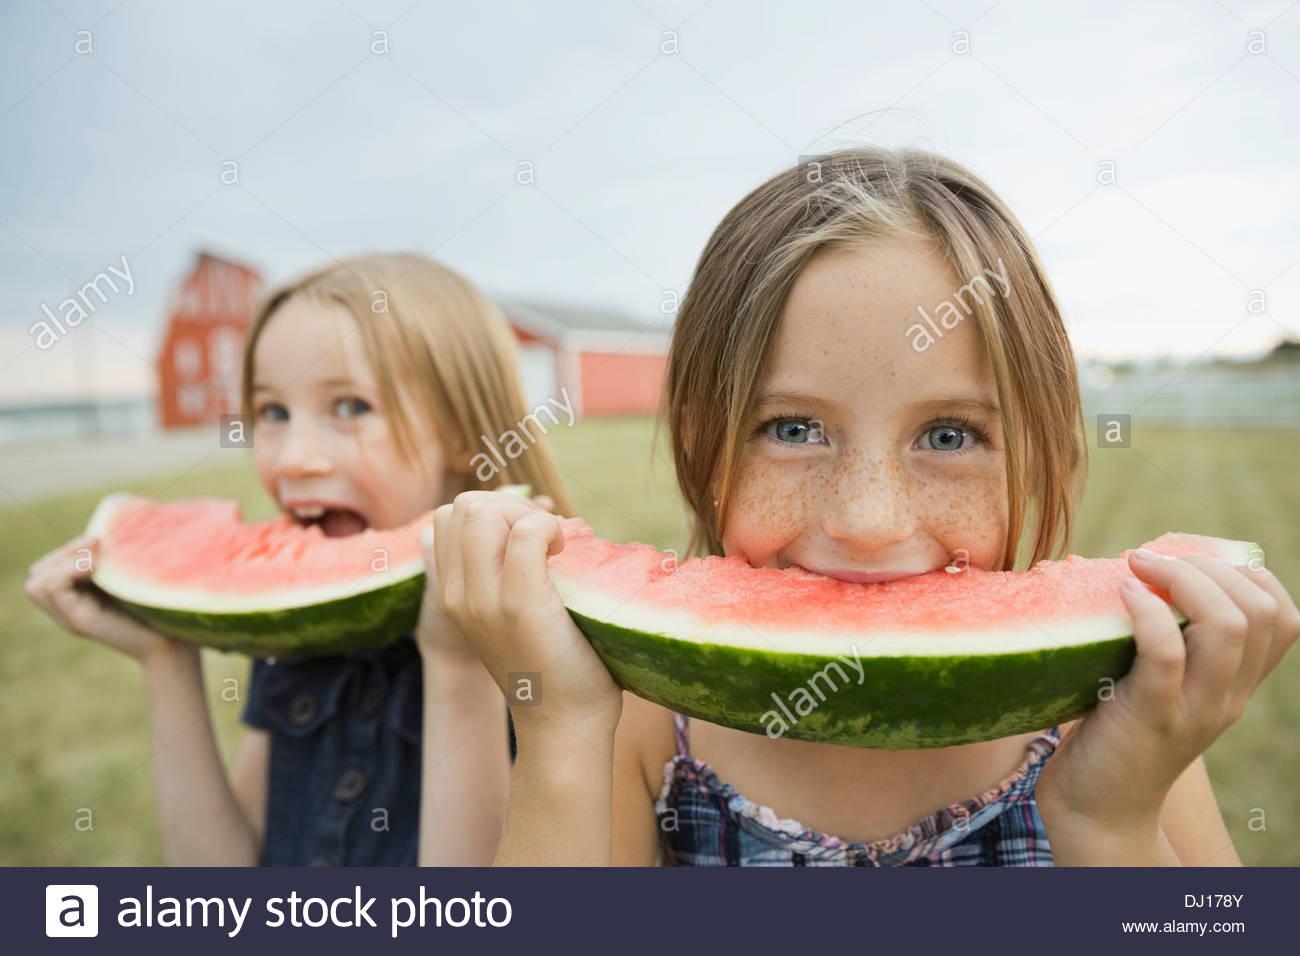 Ritratto di ragazze mangiando anguria fette all'aperto Immagini Stock